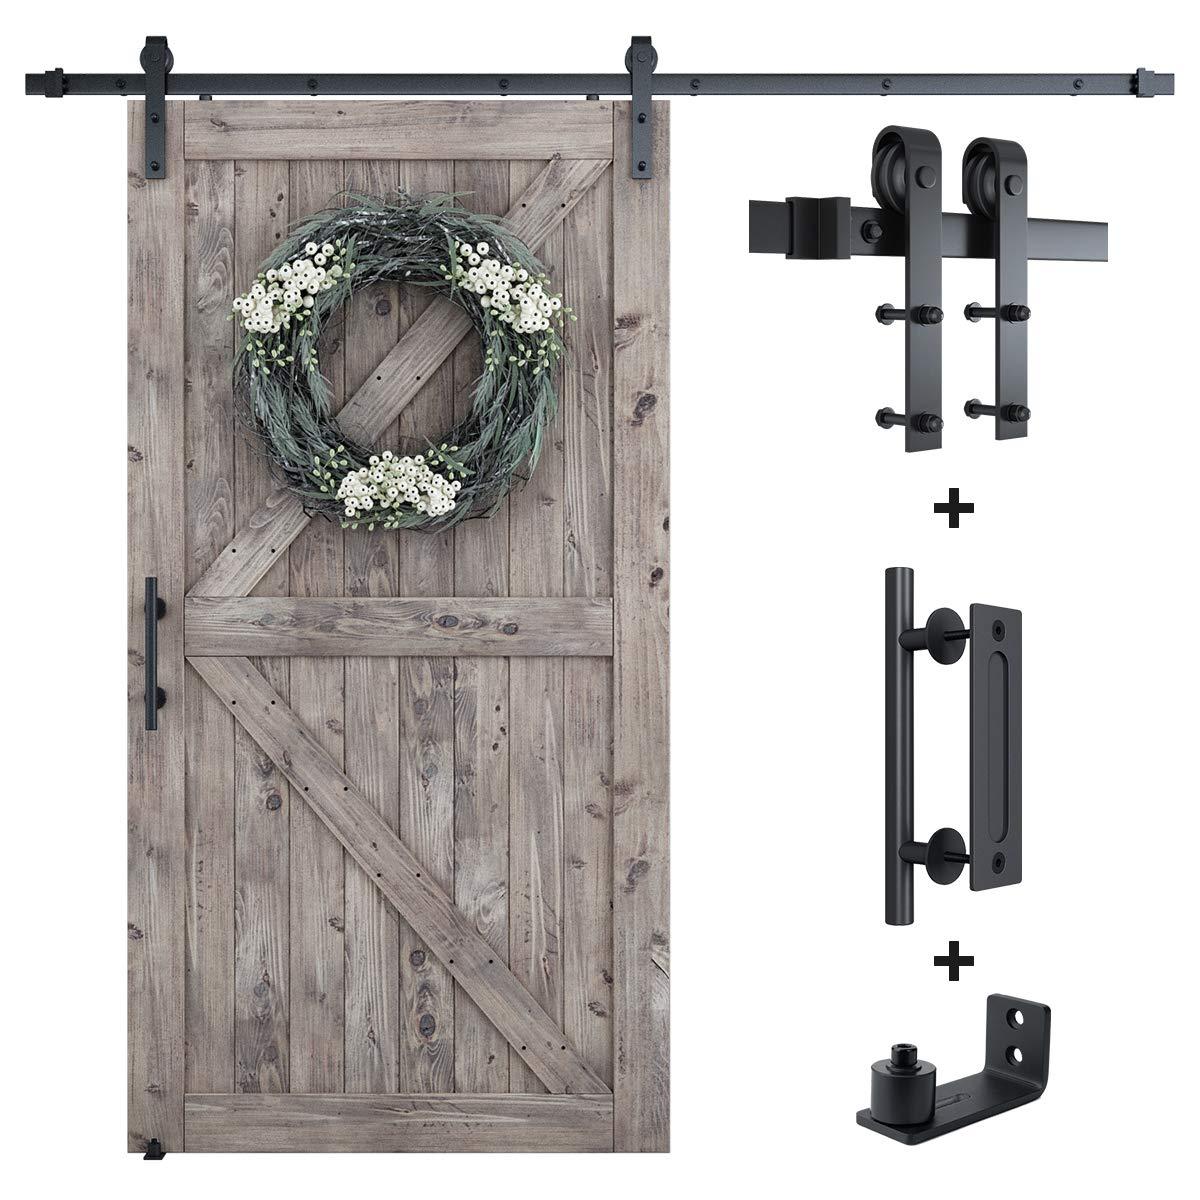 Kit de herramientas para puerta corredera de 2,4 m, barra única de 2,4 m,